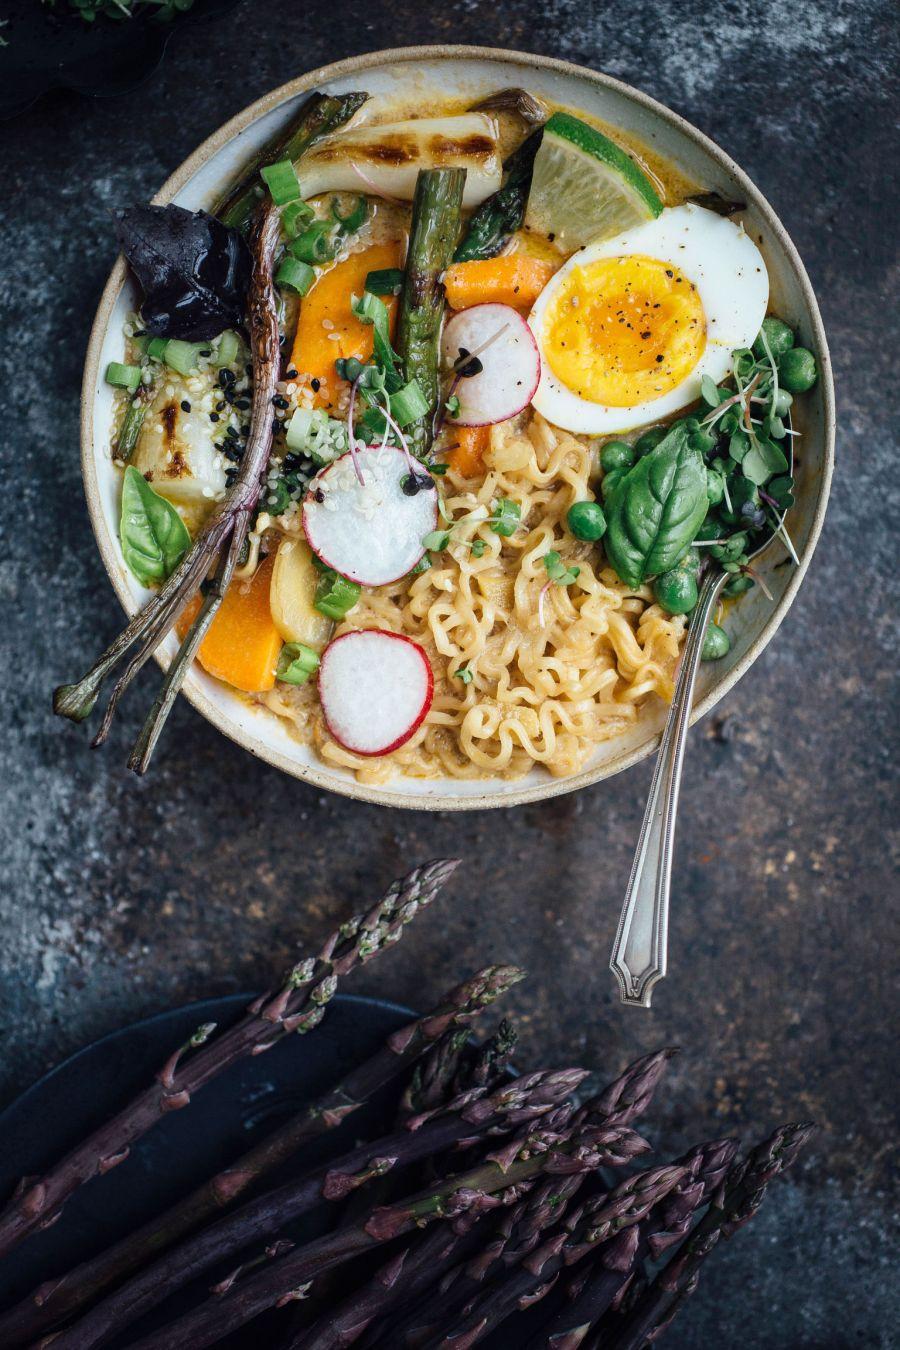 Recette végétarienne Pinterest - Ramen au curry